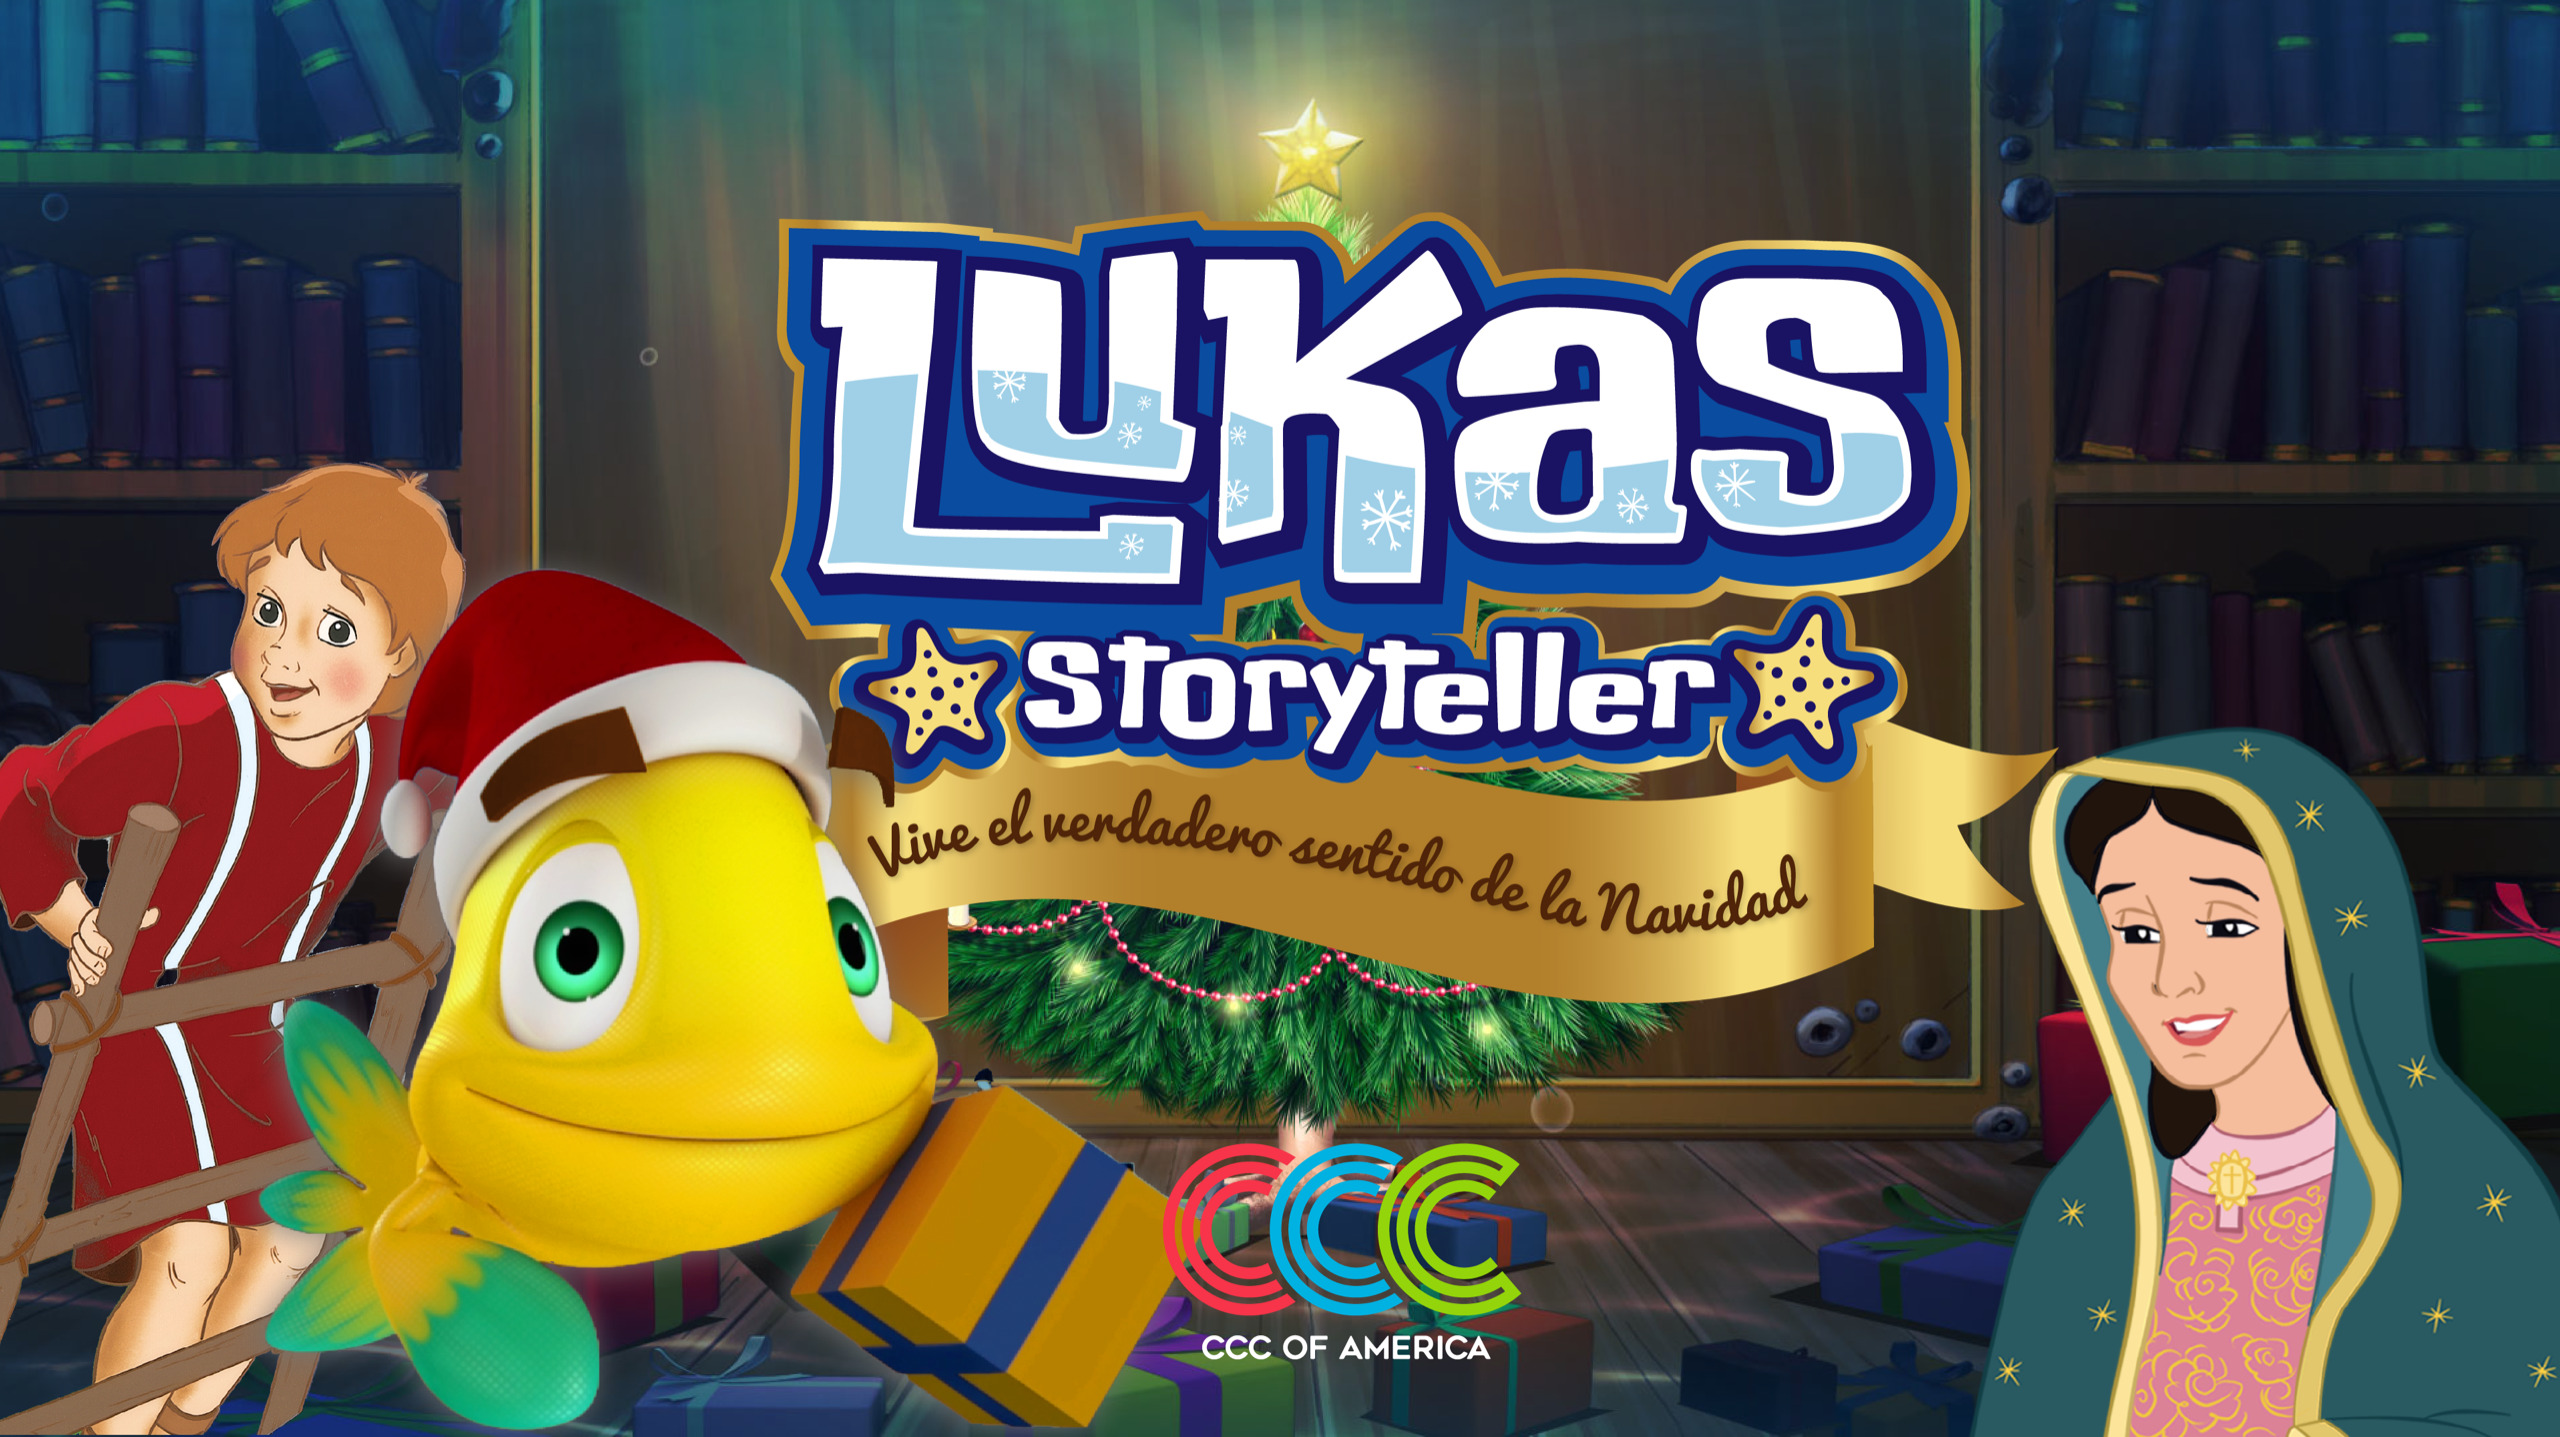 lukas storyteller navidad